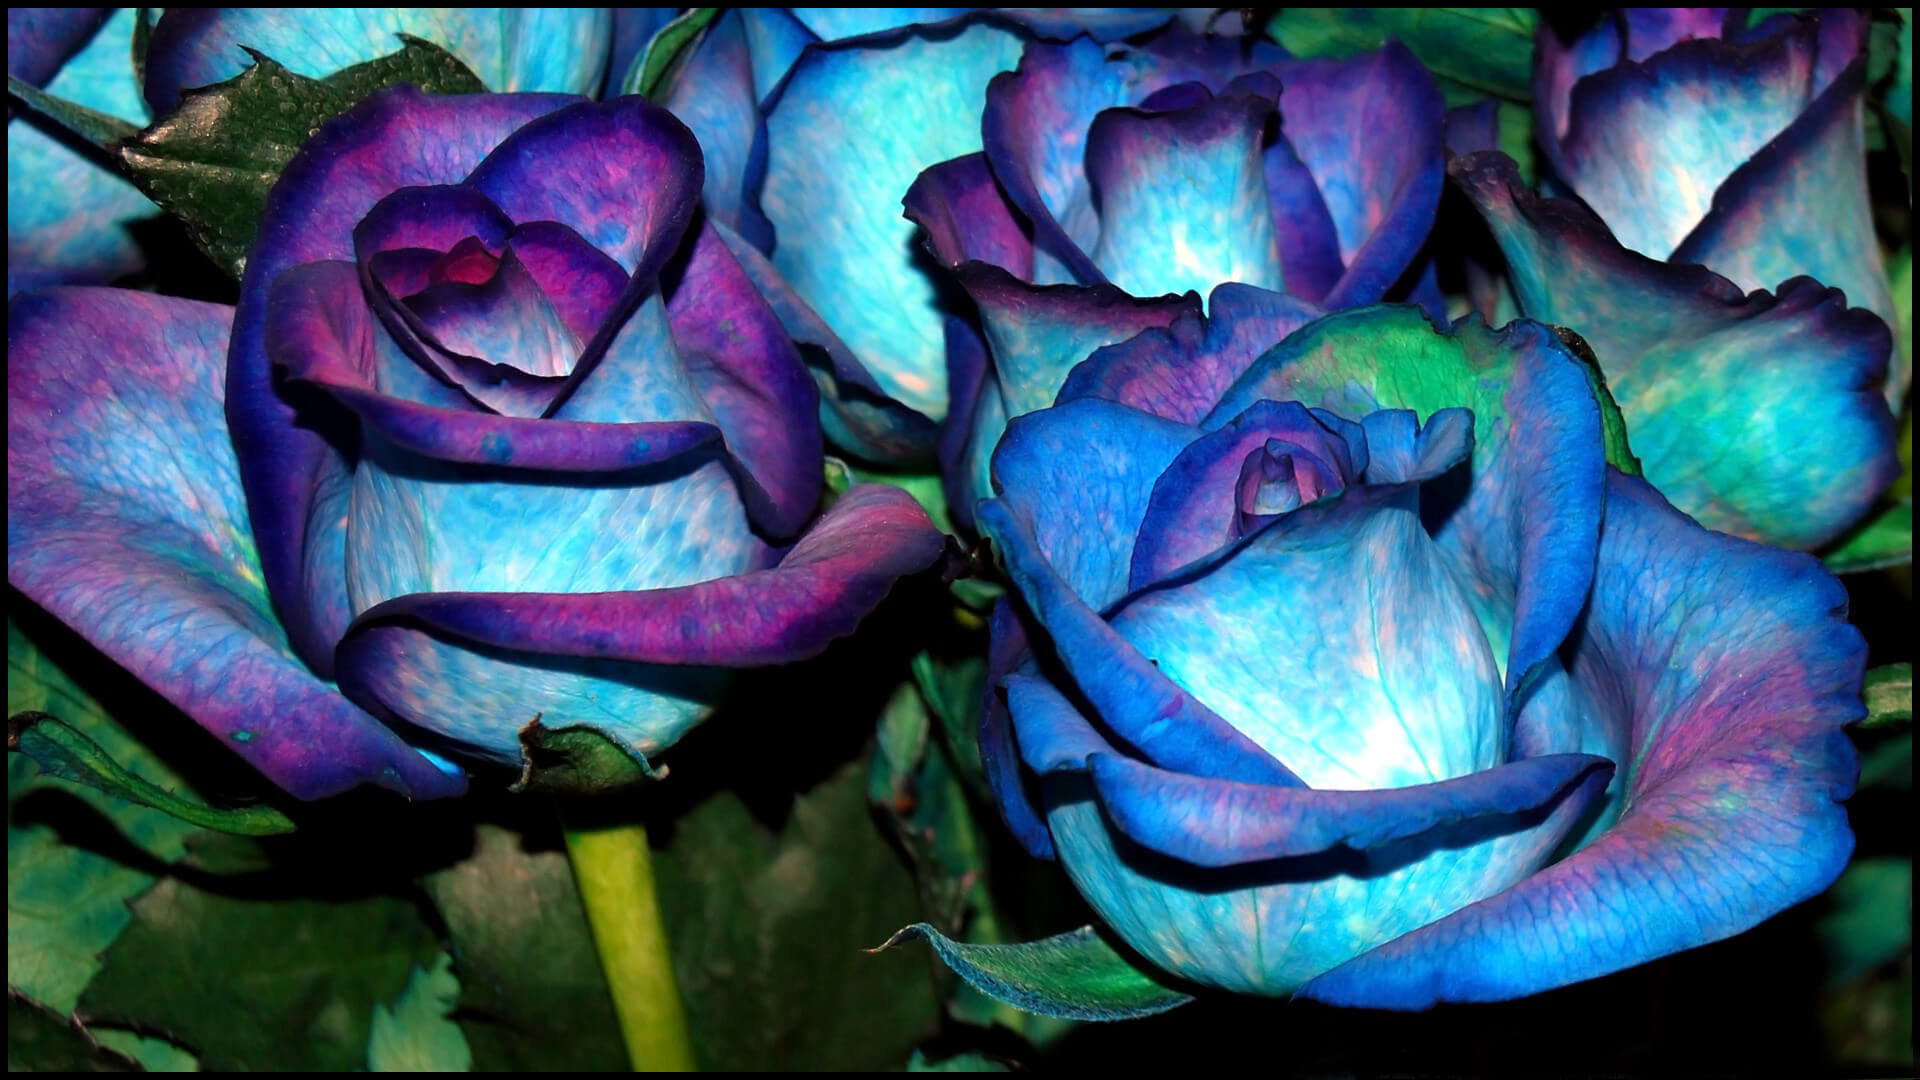 Удивительные картинки с розами, интересная сборка 27 фото 6